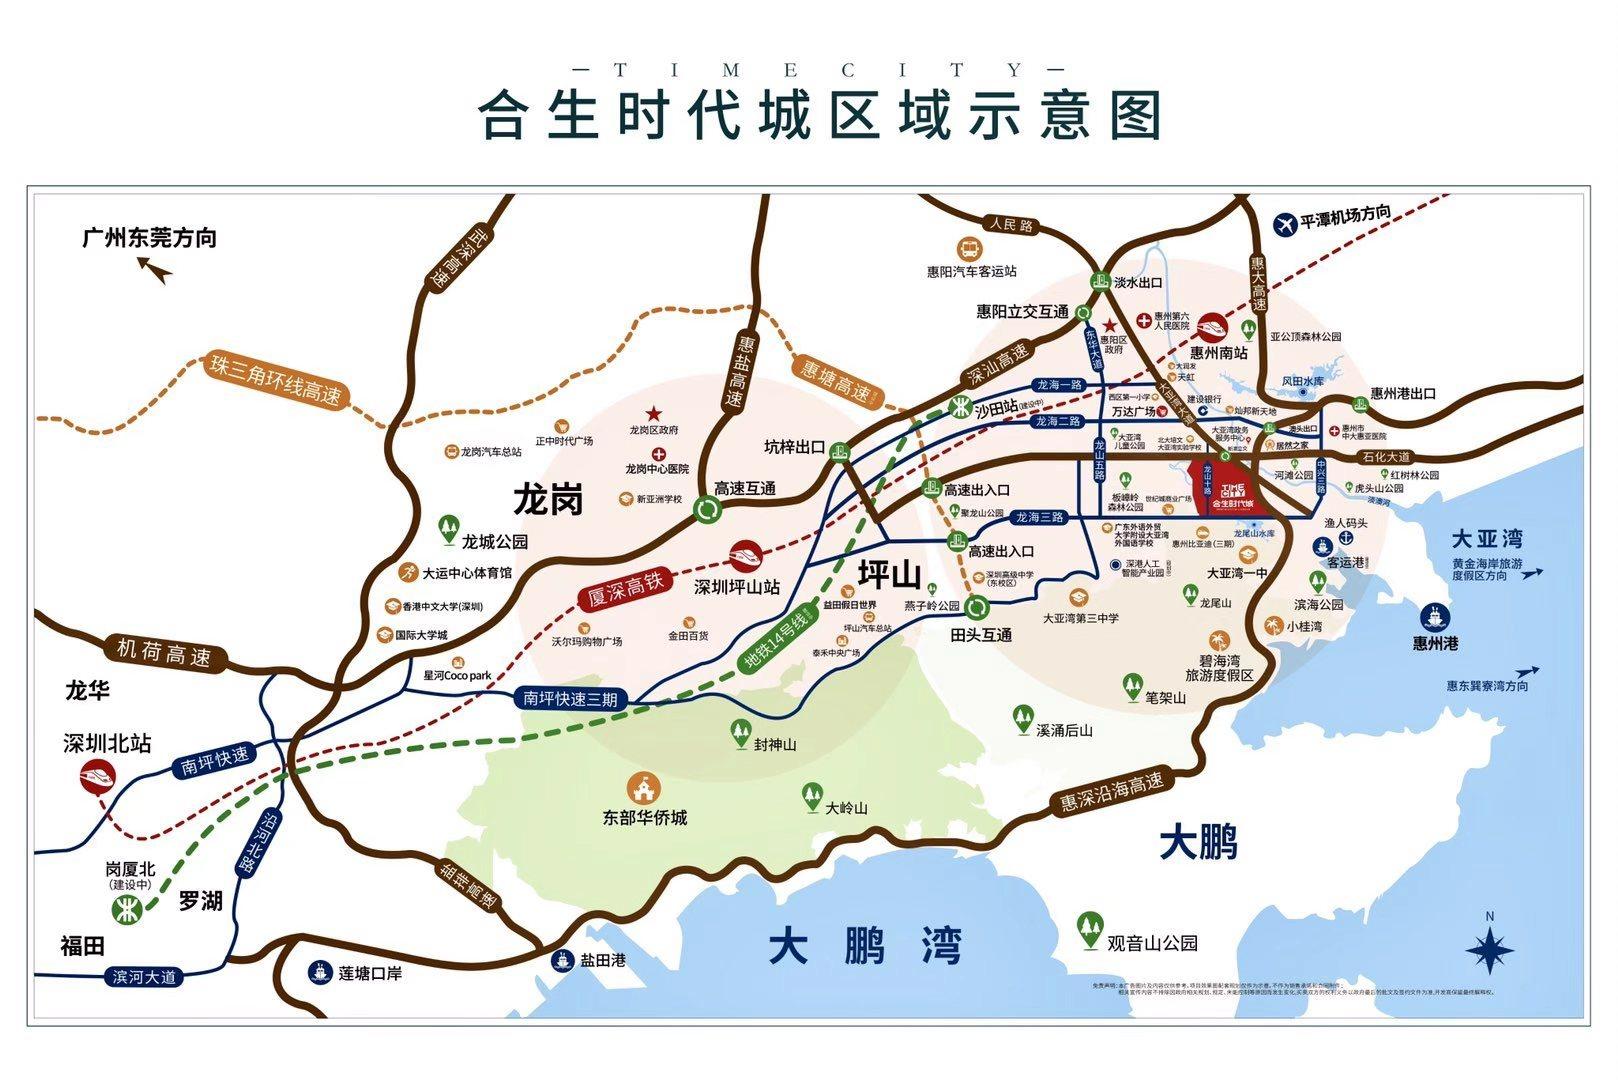 合生时代城位置和交通配套